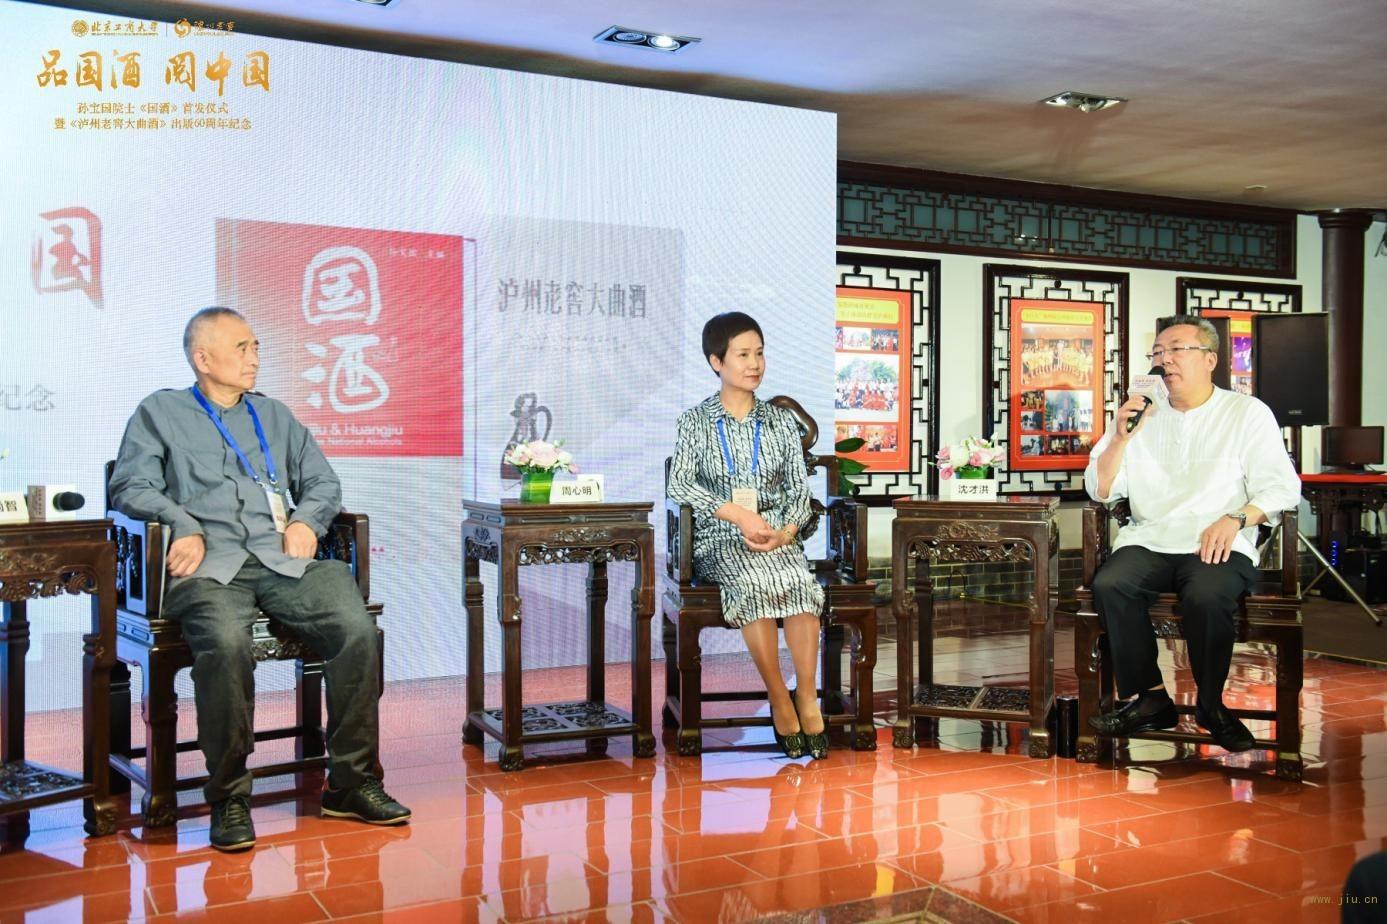 泸州老窖鼎力主办,中国首部酒类综合性科普著作《国酒》泸州首发